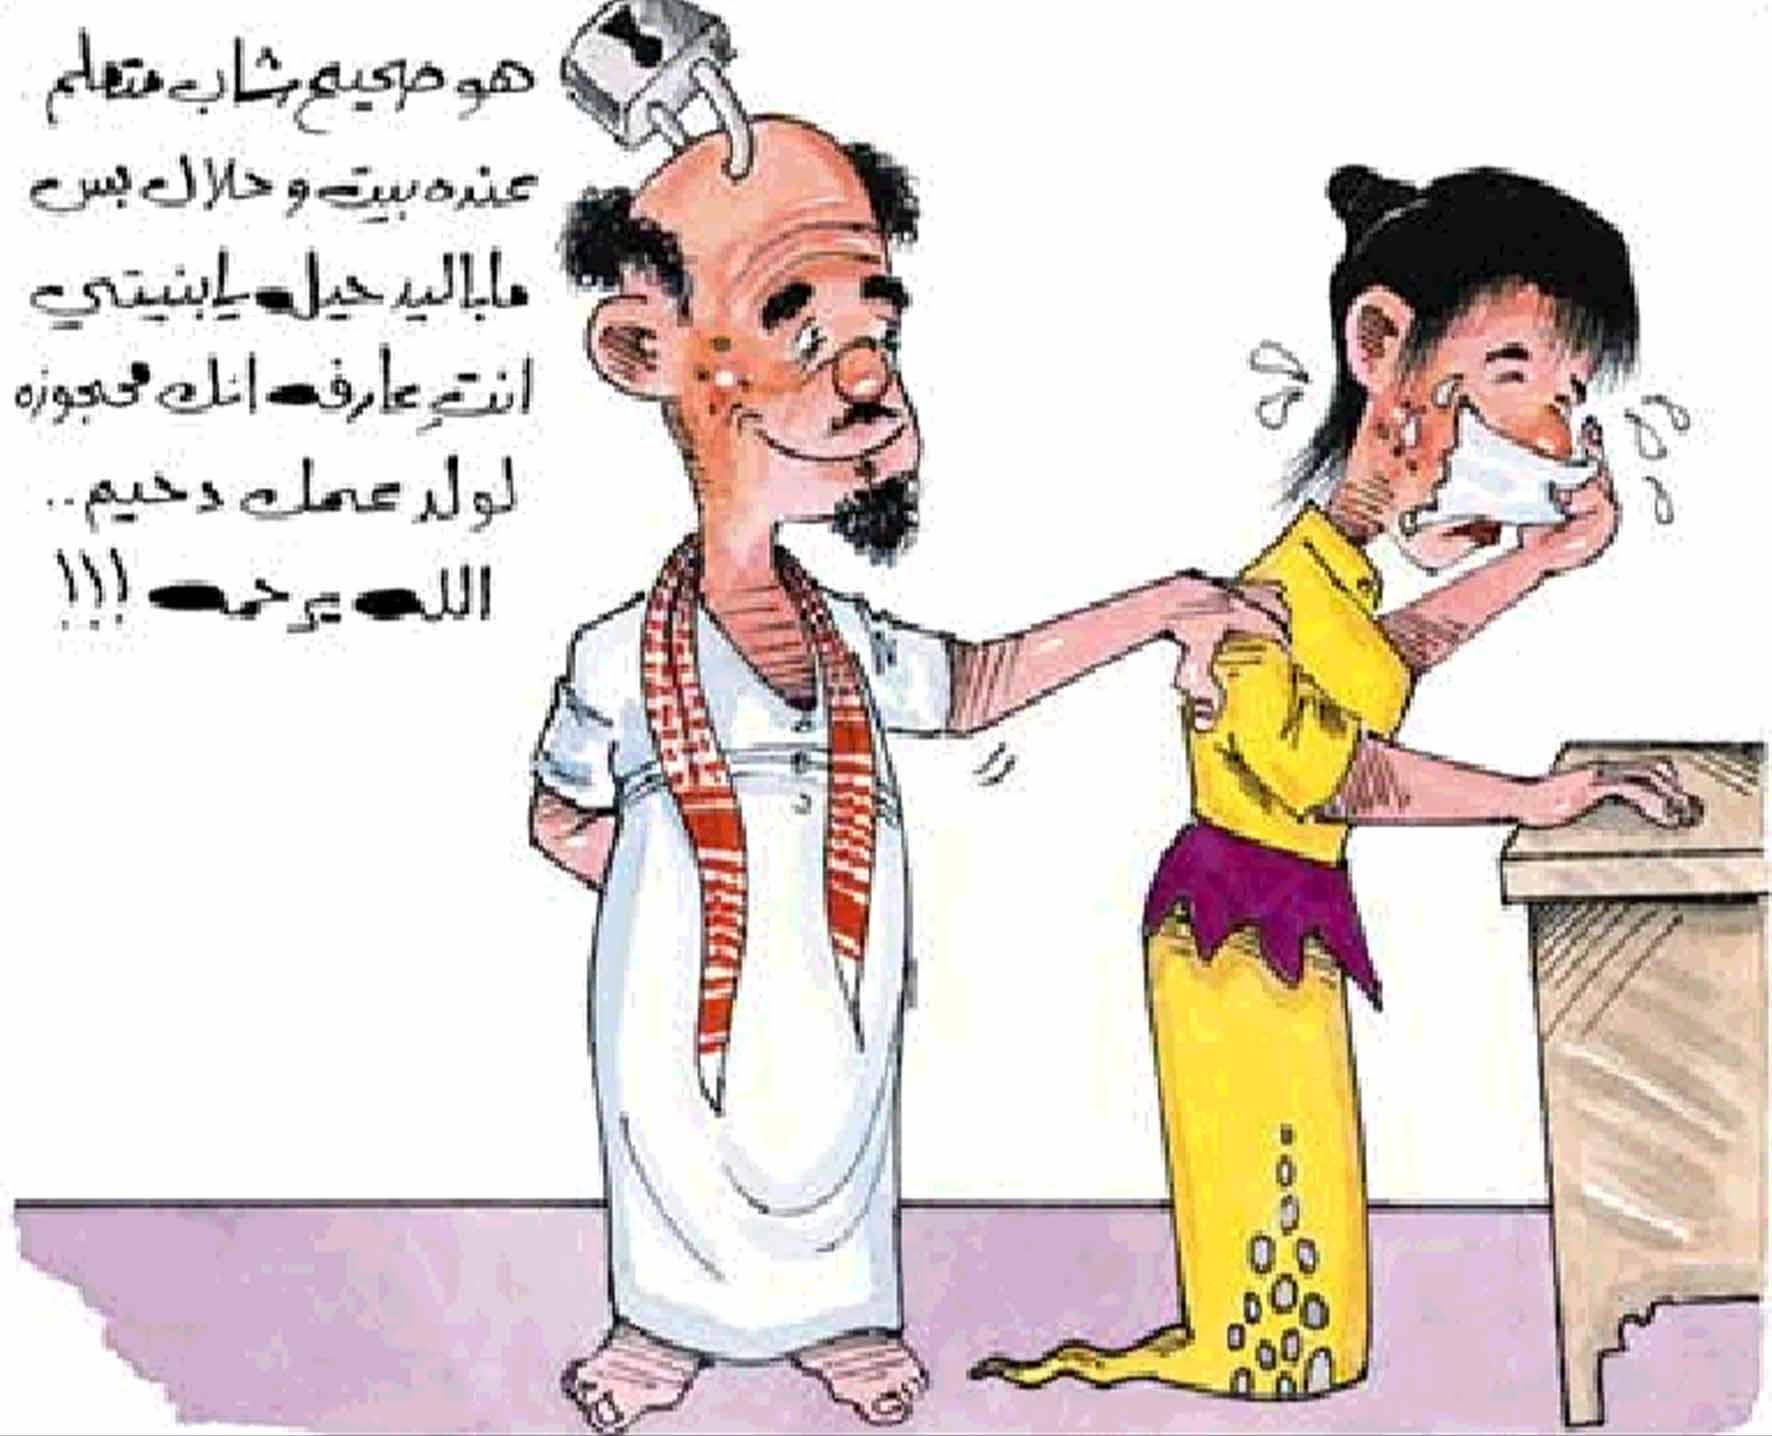 بالصور صور اضحك معنا , احلى النكت العربية 676